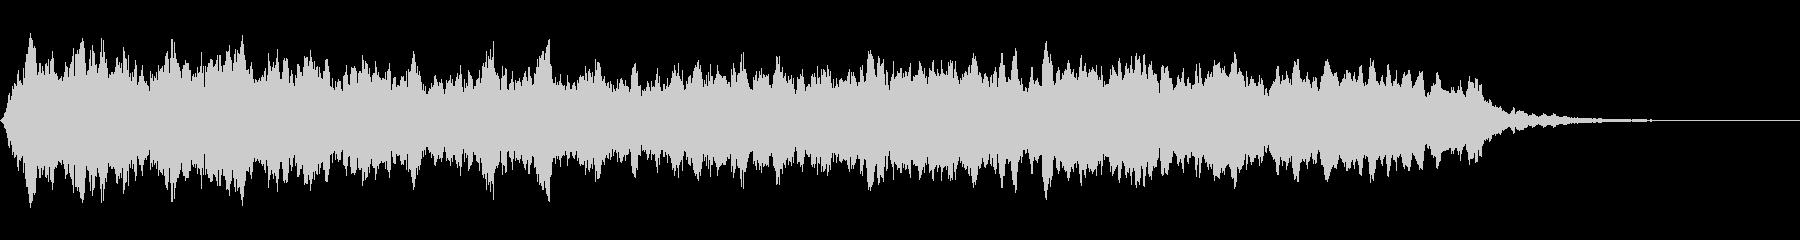 ブリーシー・クワイア・ハイの未再生の波形